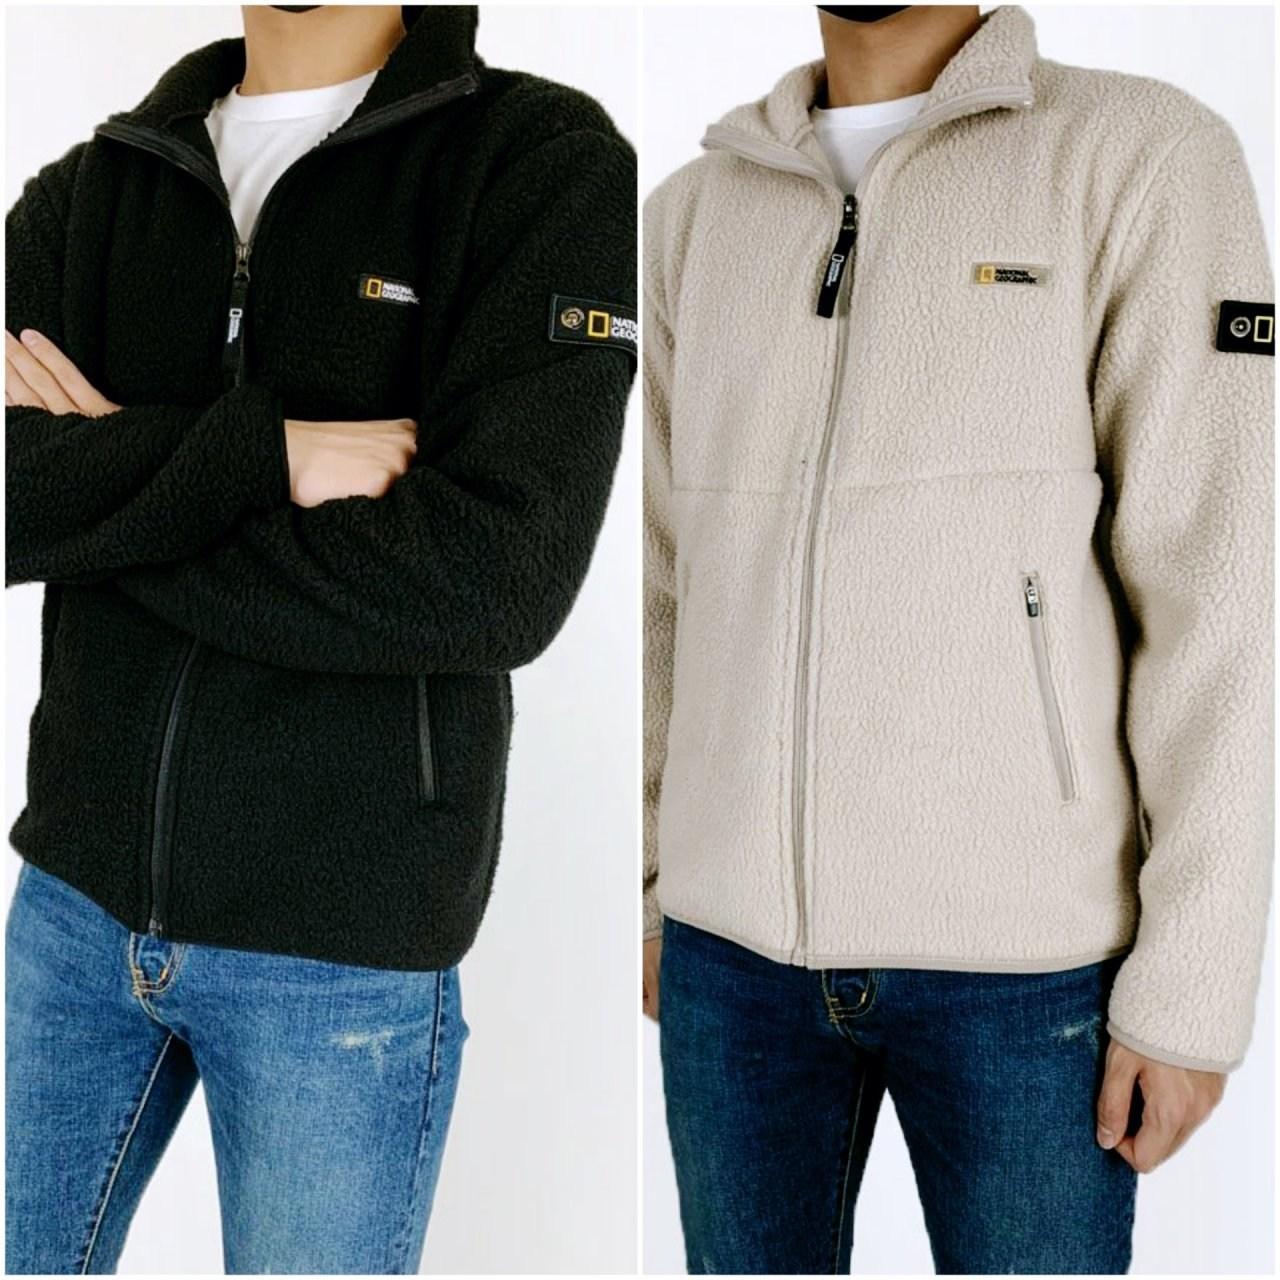 내셔널지오그래픽 양털 자켓 - 가을신상(남녀공용)